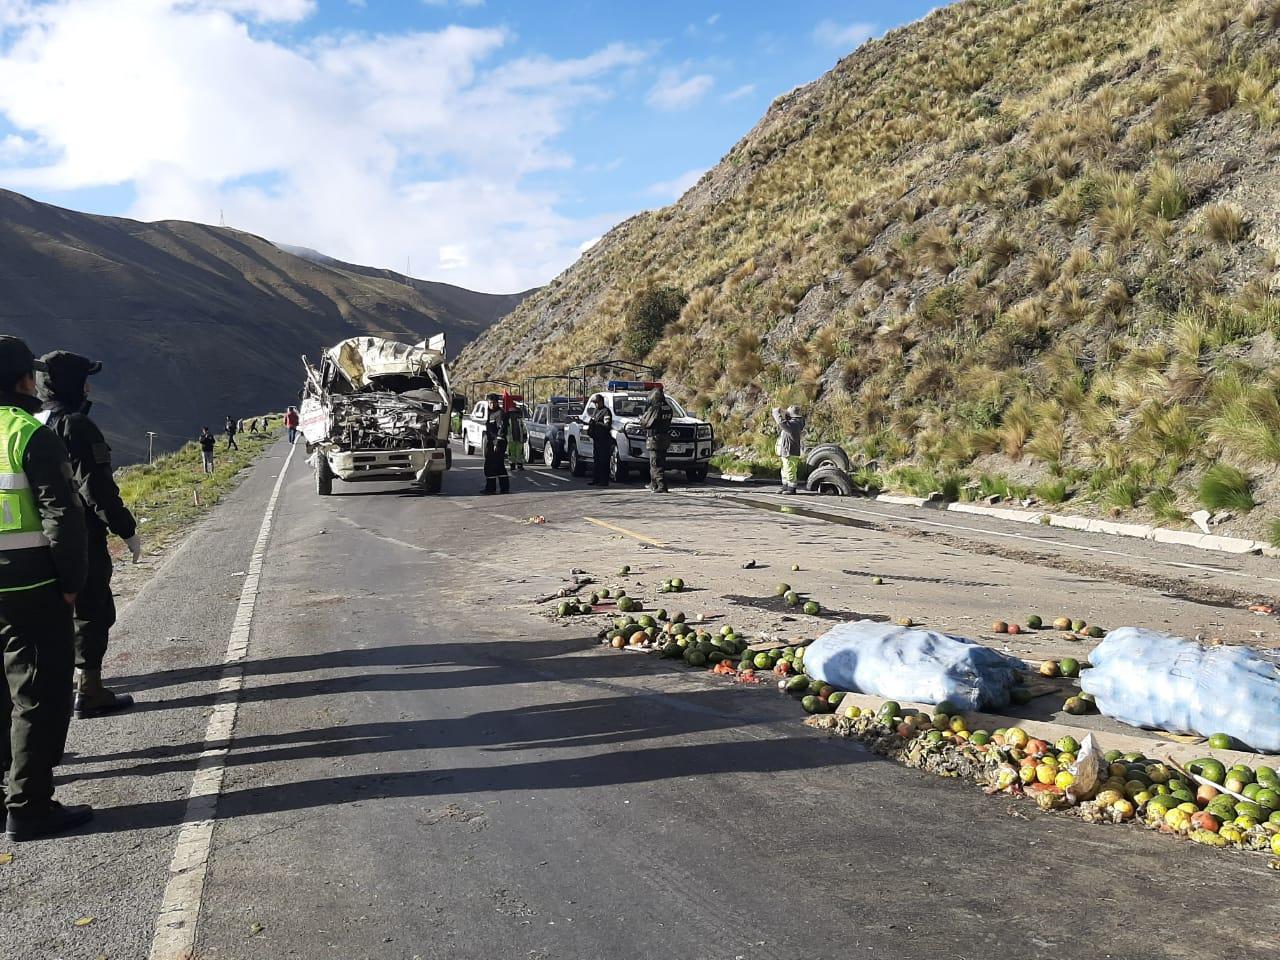 Camión colisiona contra un cerro y deja 3 muertos en los Yungas